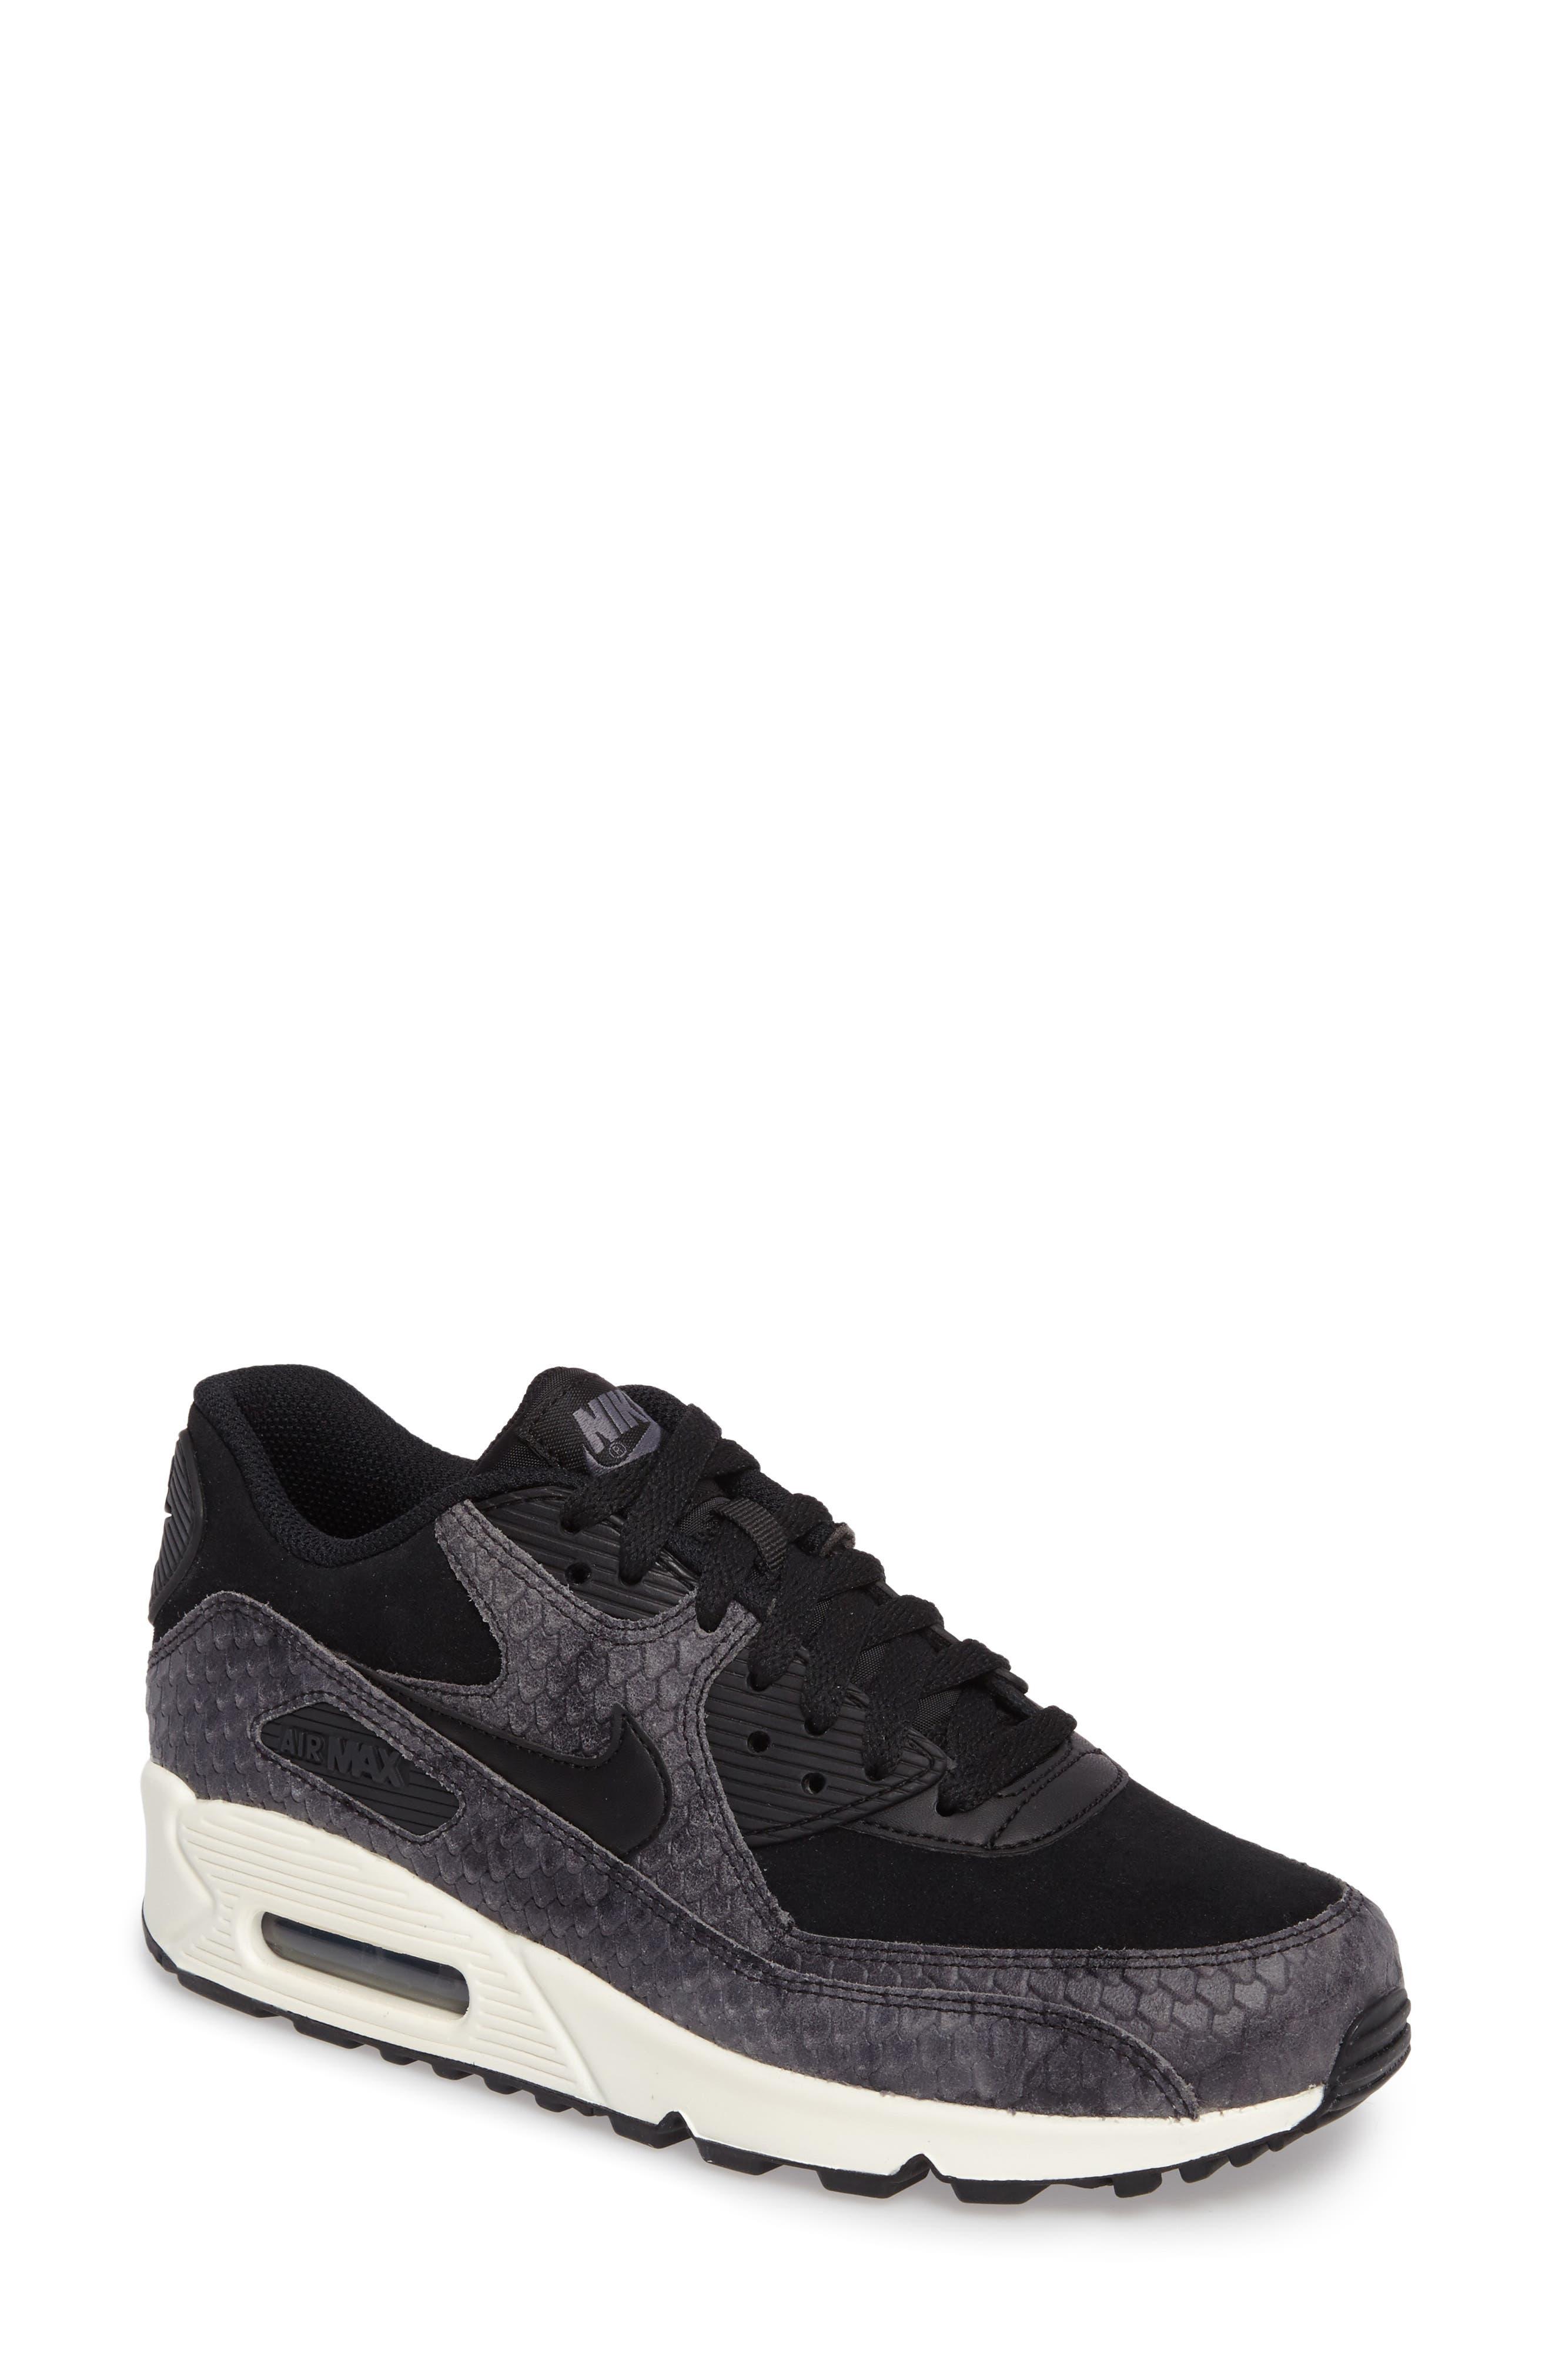 Air Max 90 Embossed Premium Sneaker,                             Main thumbnail 1, color,                             005